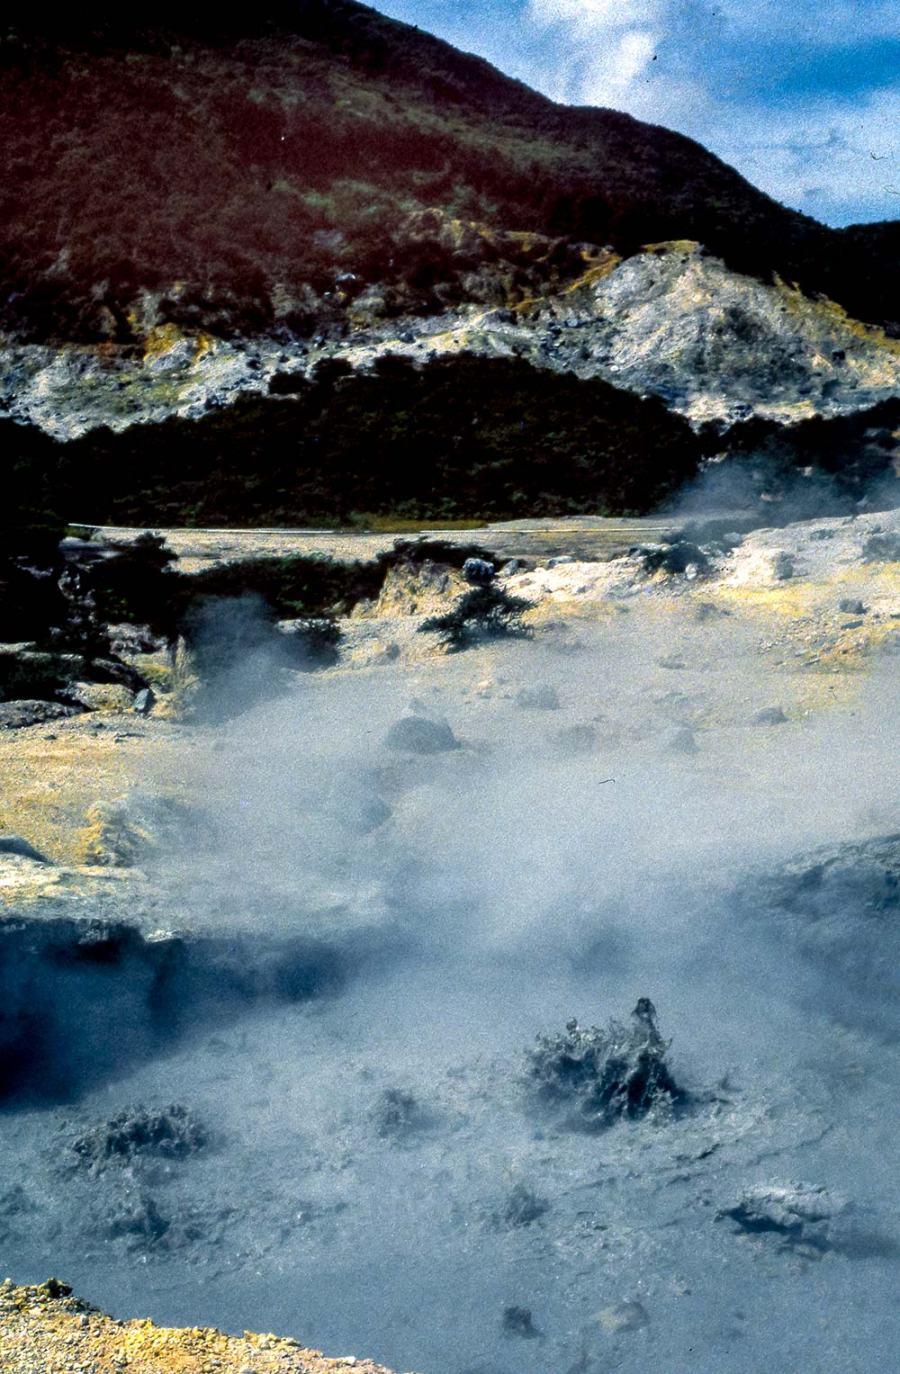 Wasser blubbertin einer heissen Quelle